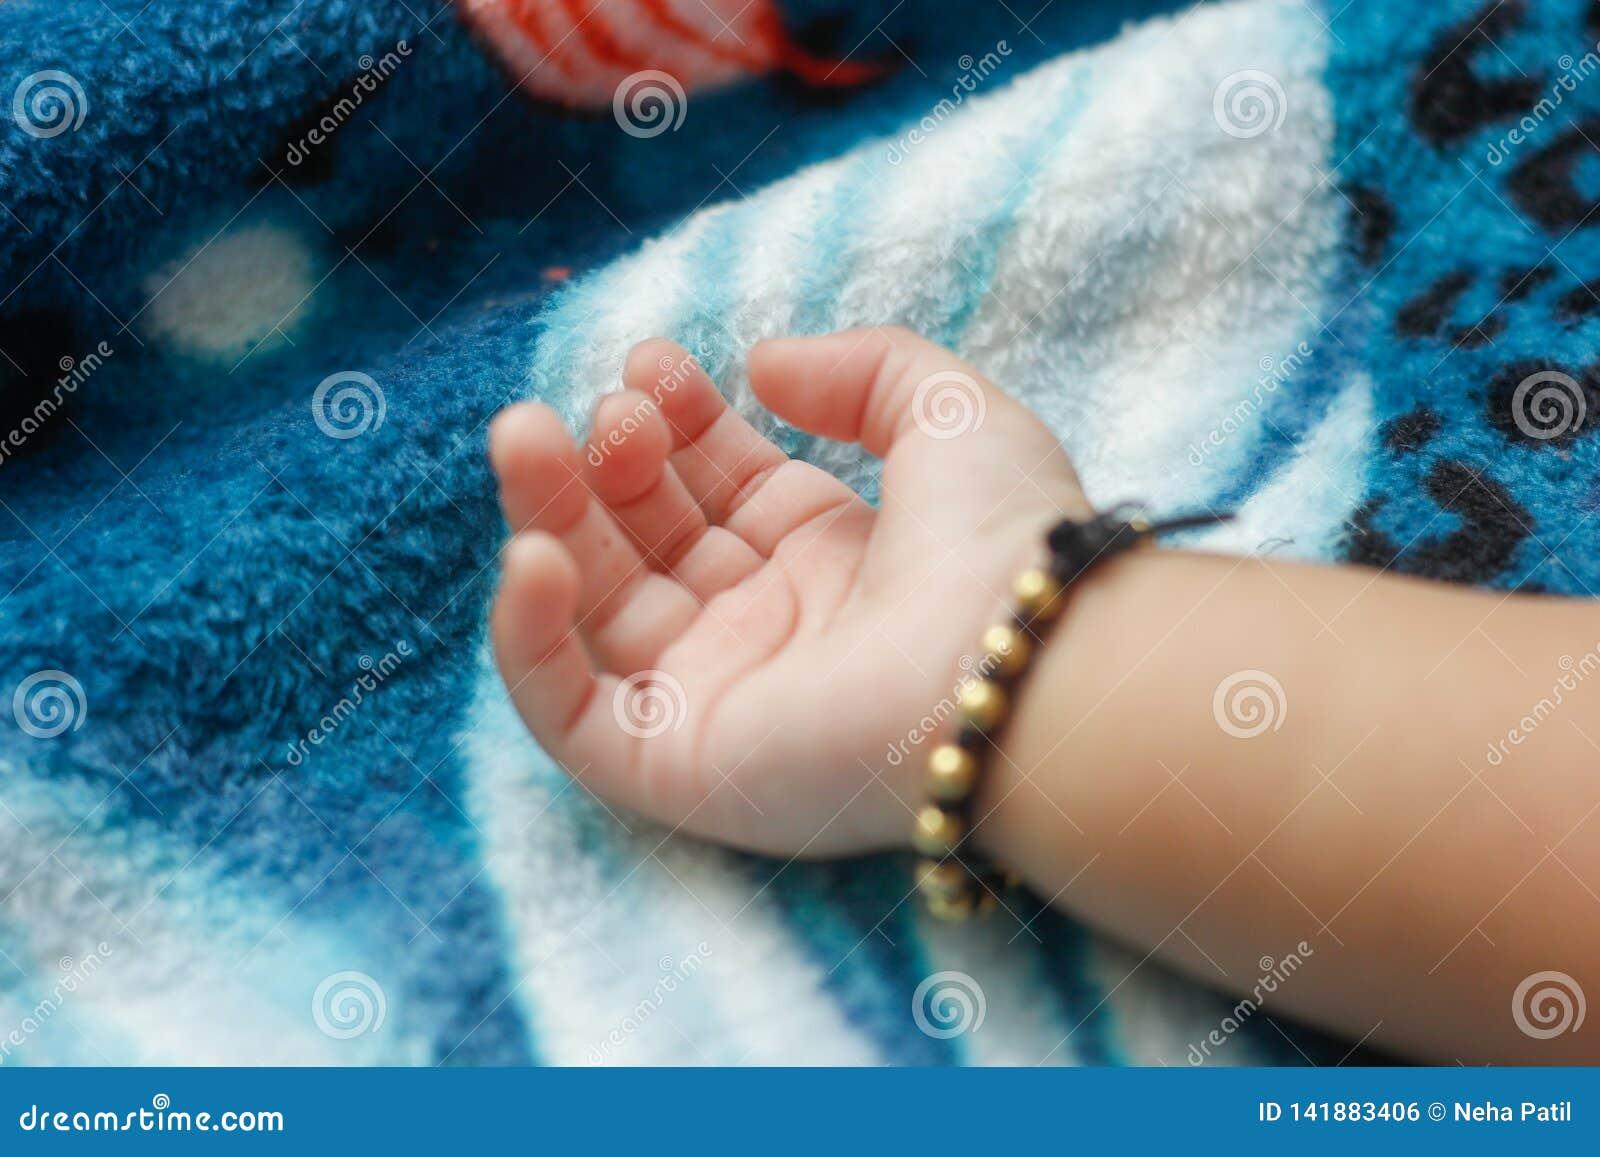 Nieuw - geboren babyhand